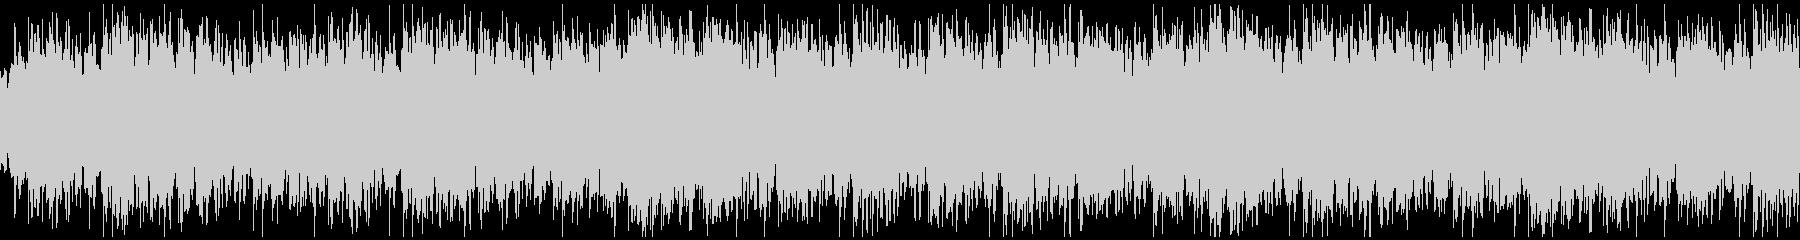 アンビエント系BGMの未再生の波形